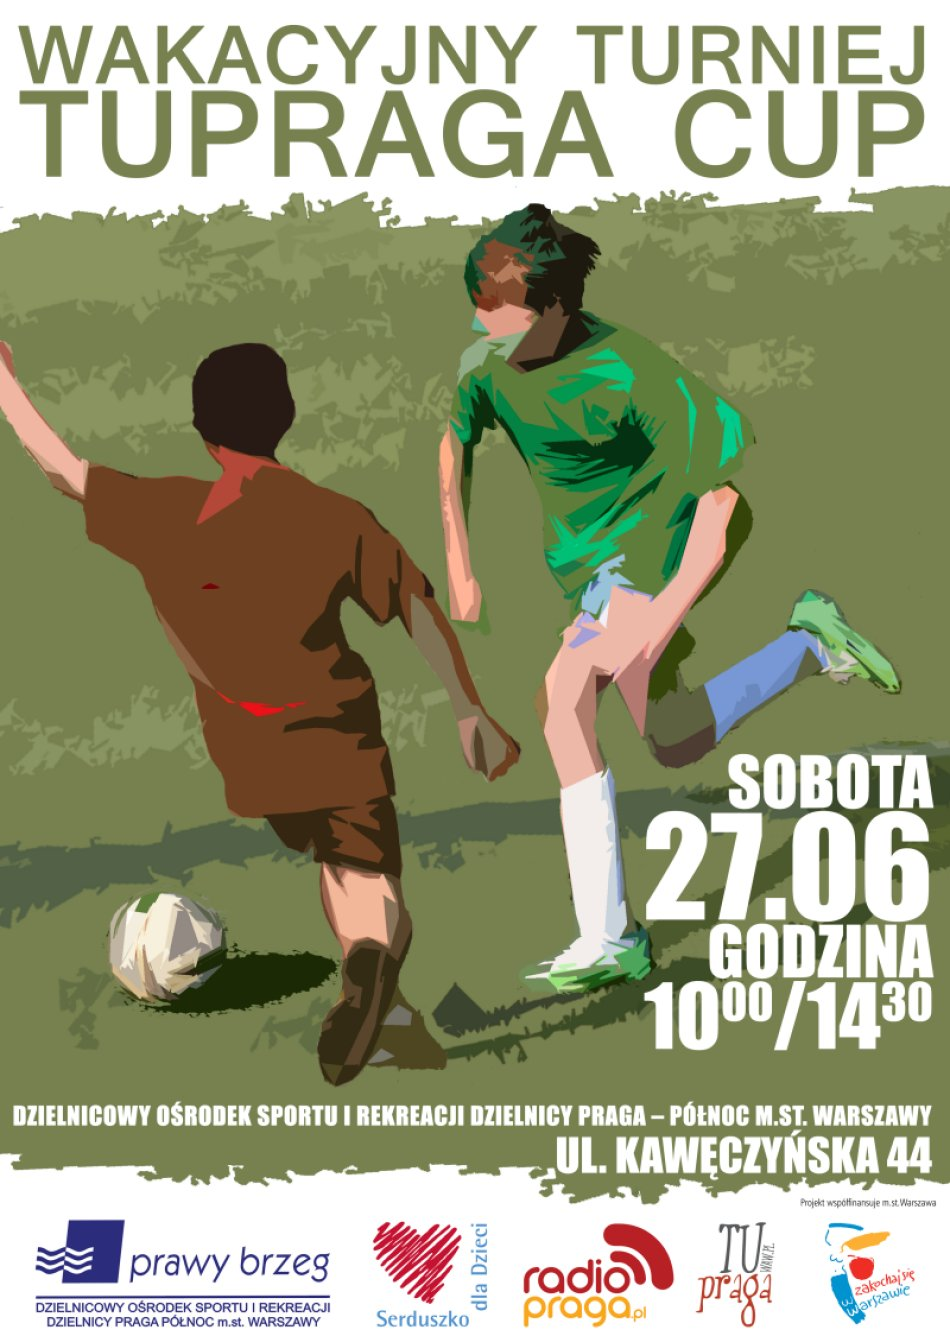 Wakacyjny Turniej TUPRAGA CUP